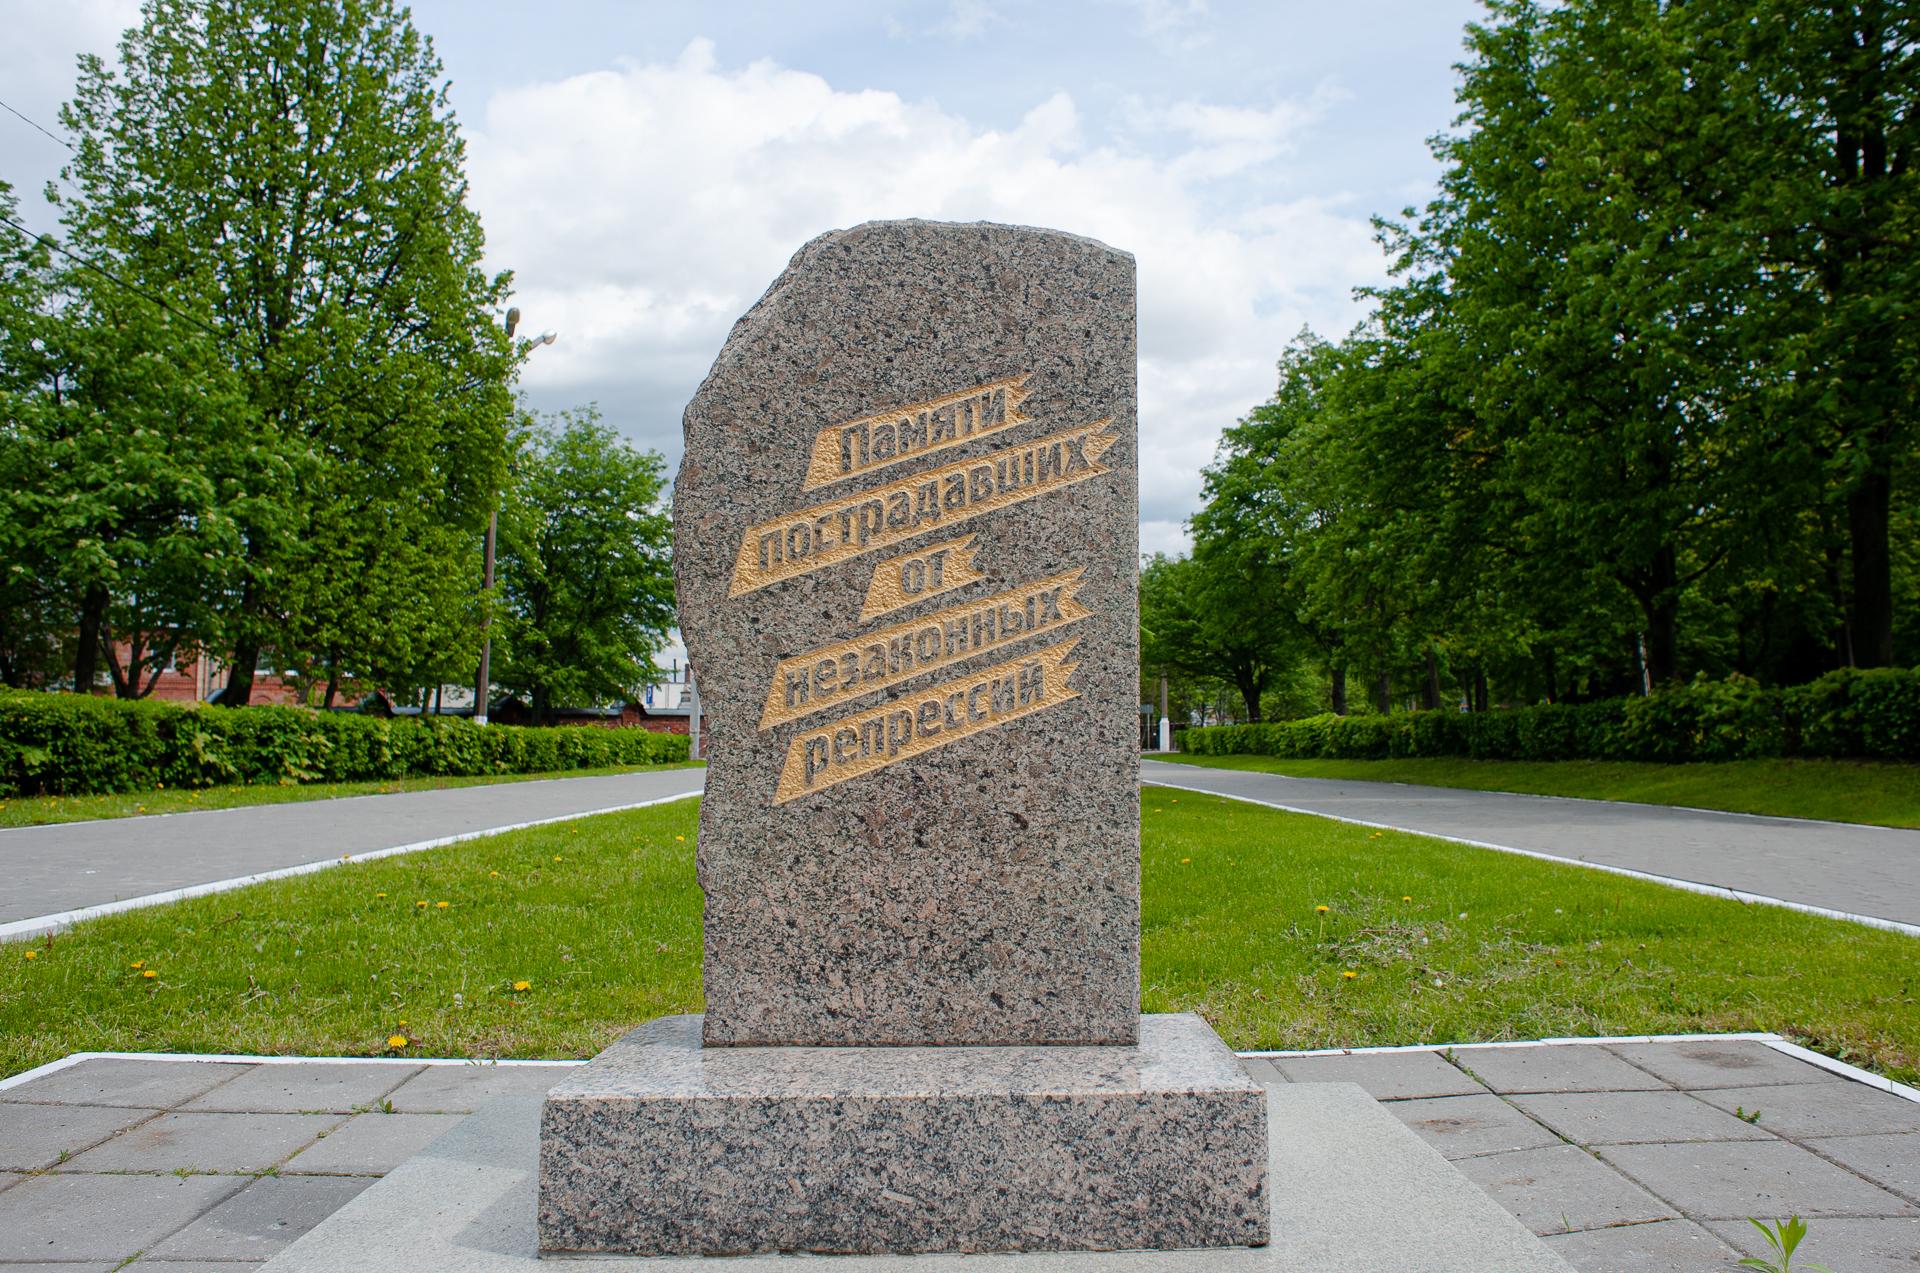 Коломна, Мемориальный парк, Памятник пострадавшим от незаконных репрессий